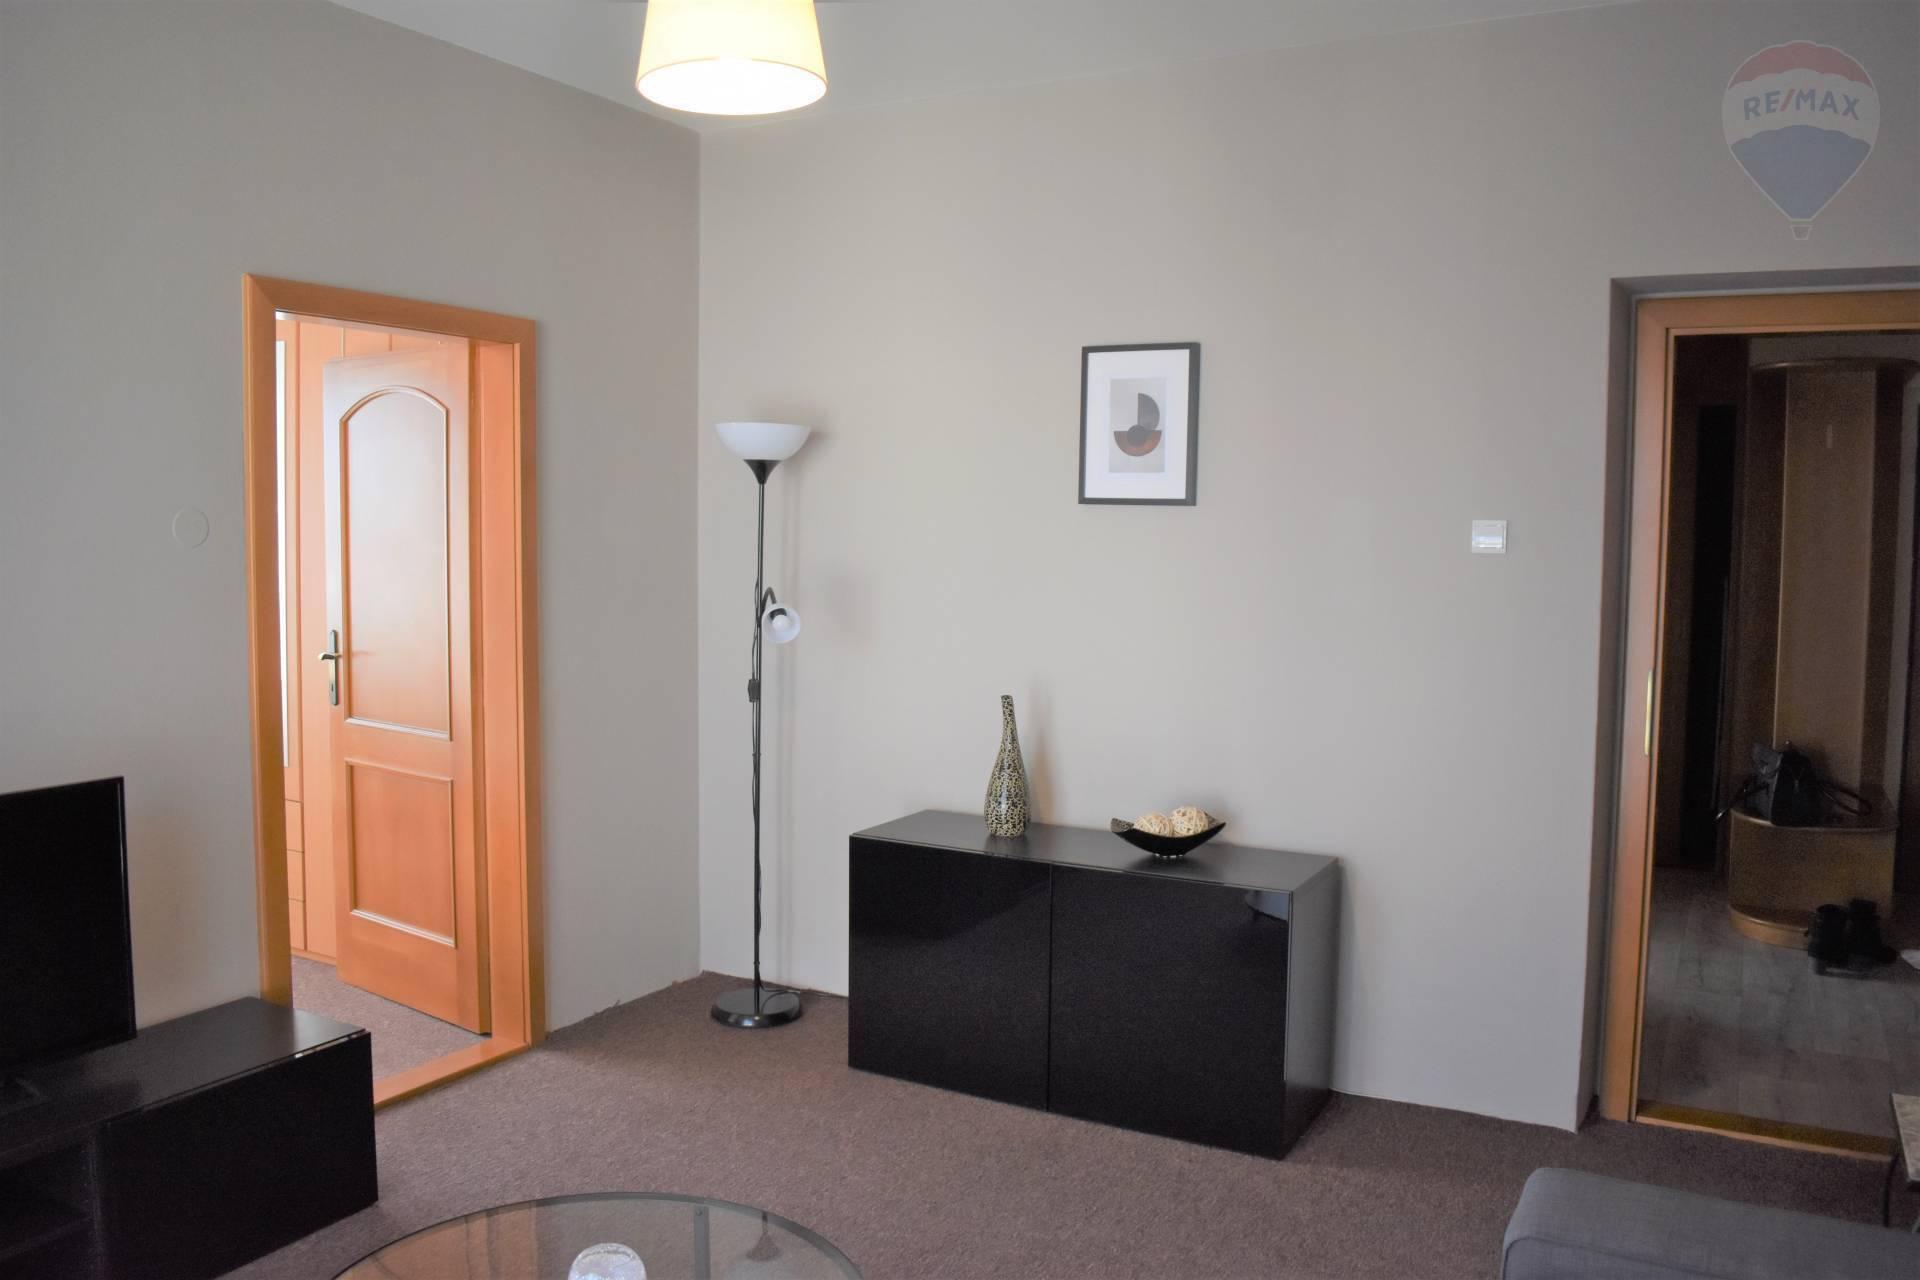 Prenájom bytu (3 izbový) 82 m2, Nitra - Izba s balkónom